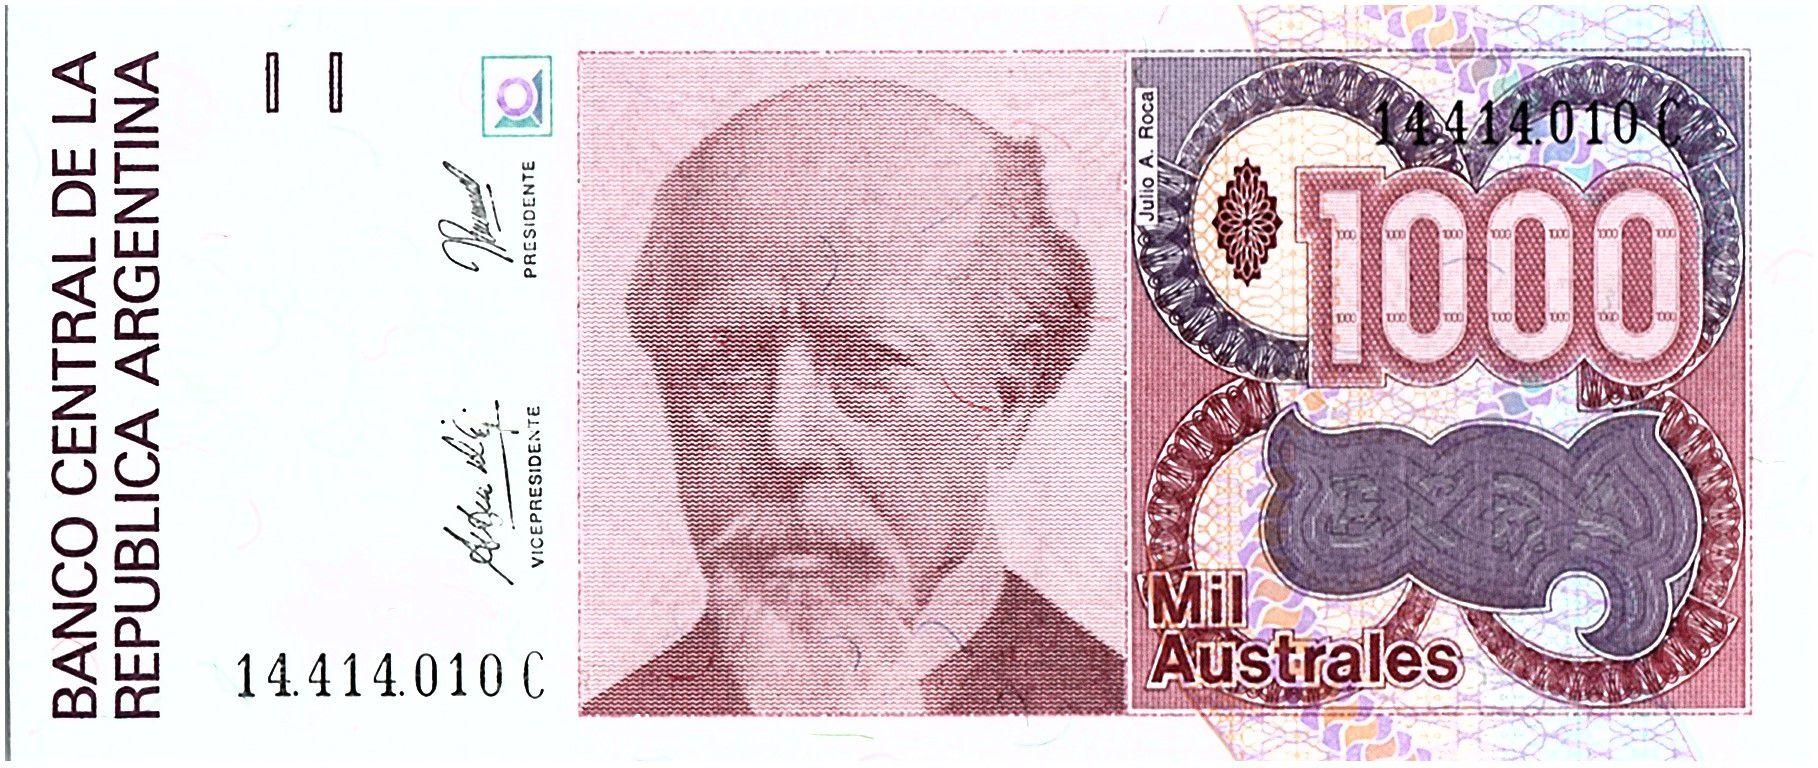 Argentine 1000 Austales, Julio A Roca - 1990